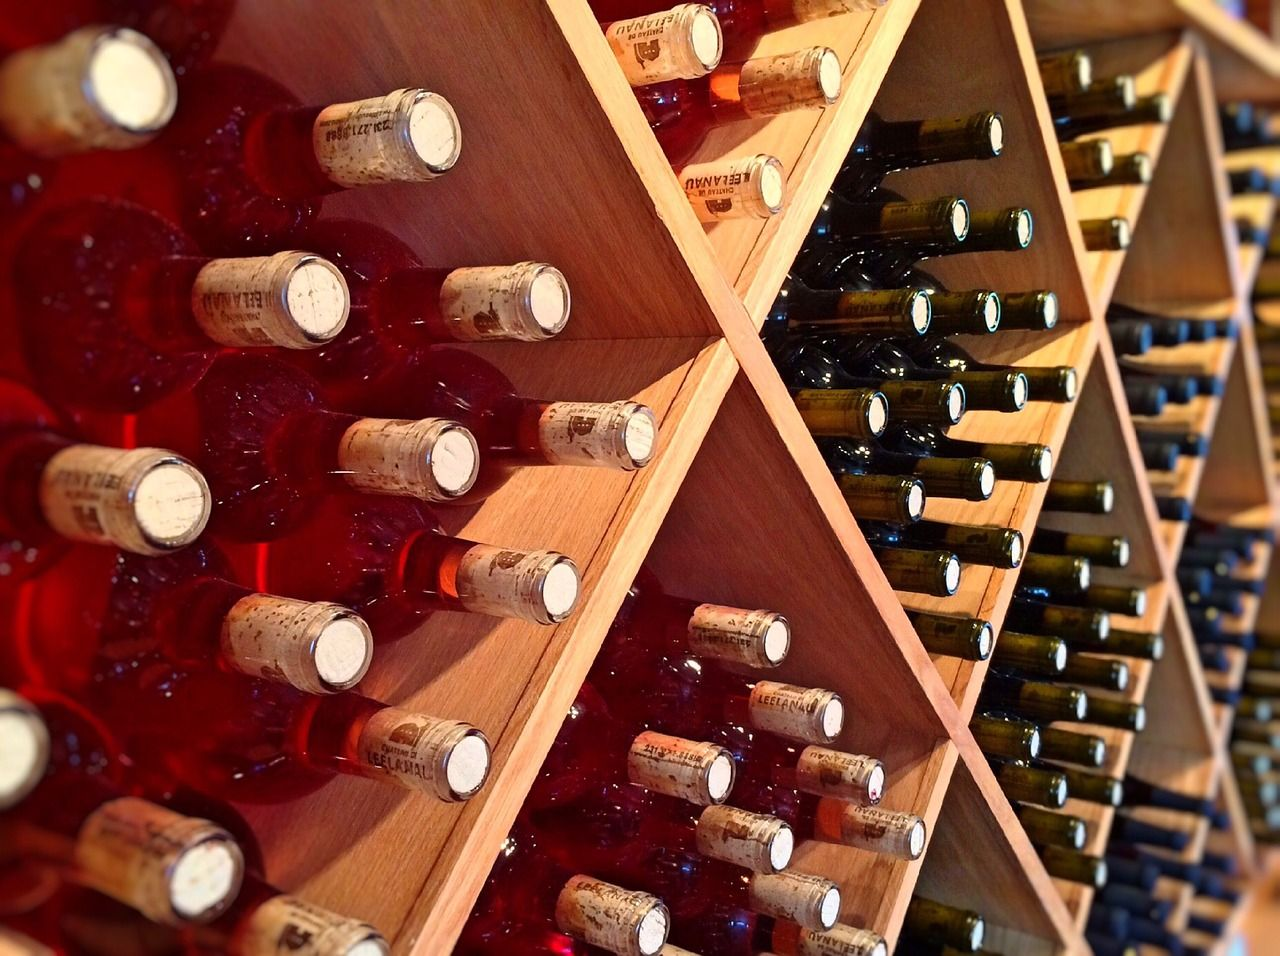 Argentina, Espanha e França são top 3 países com melhores vinhos